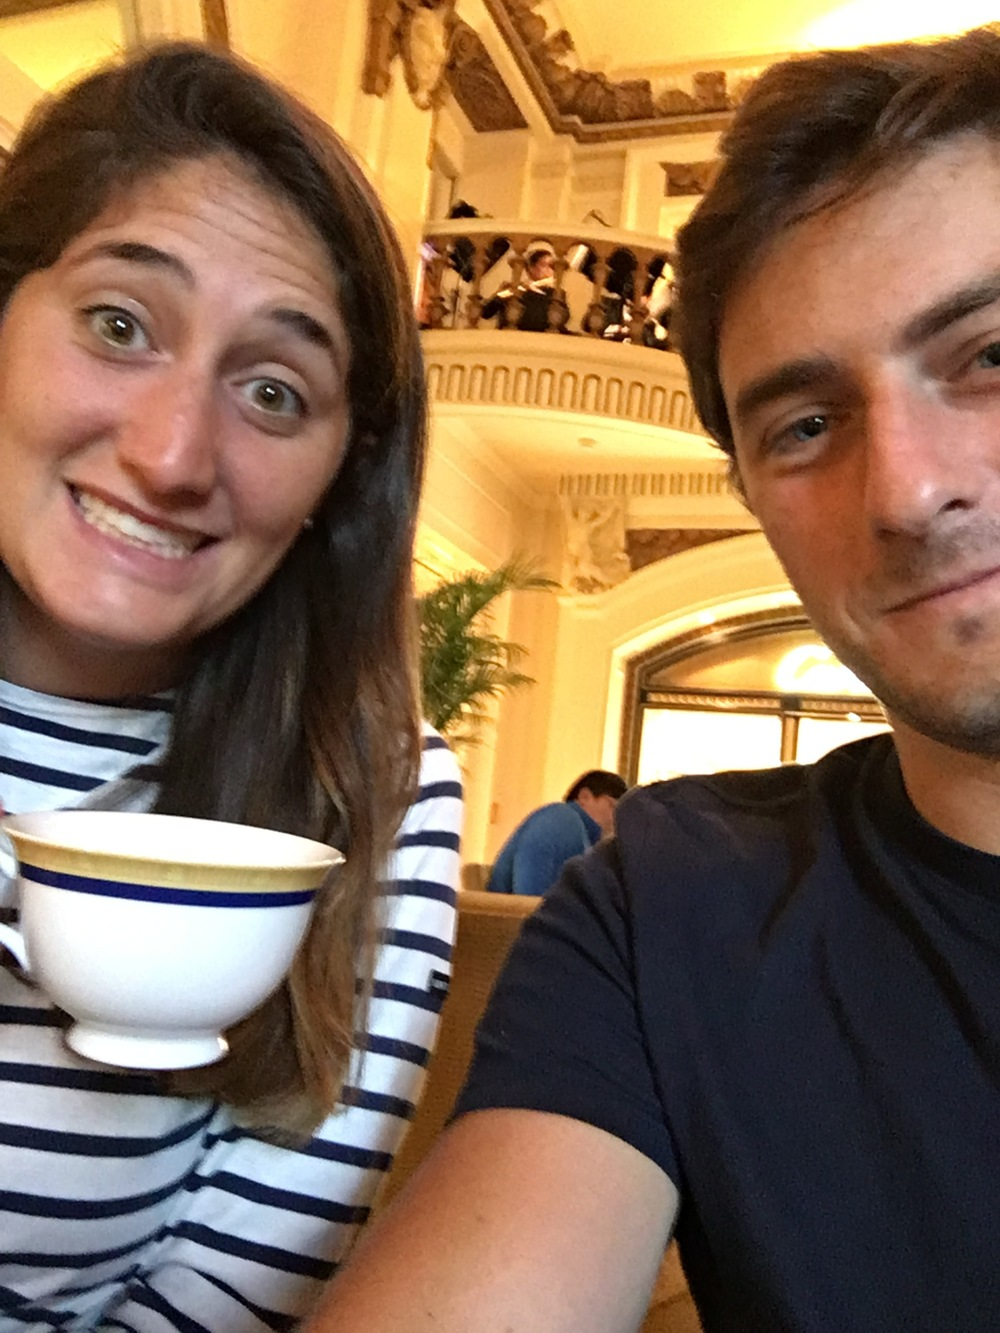 Tea time at the Peninsula!